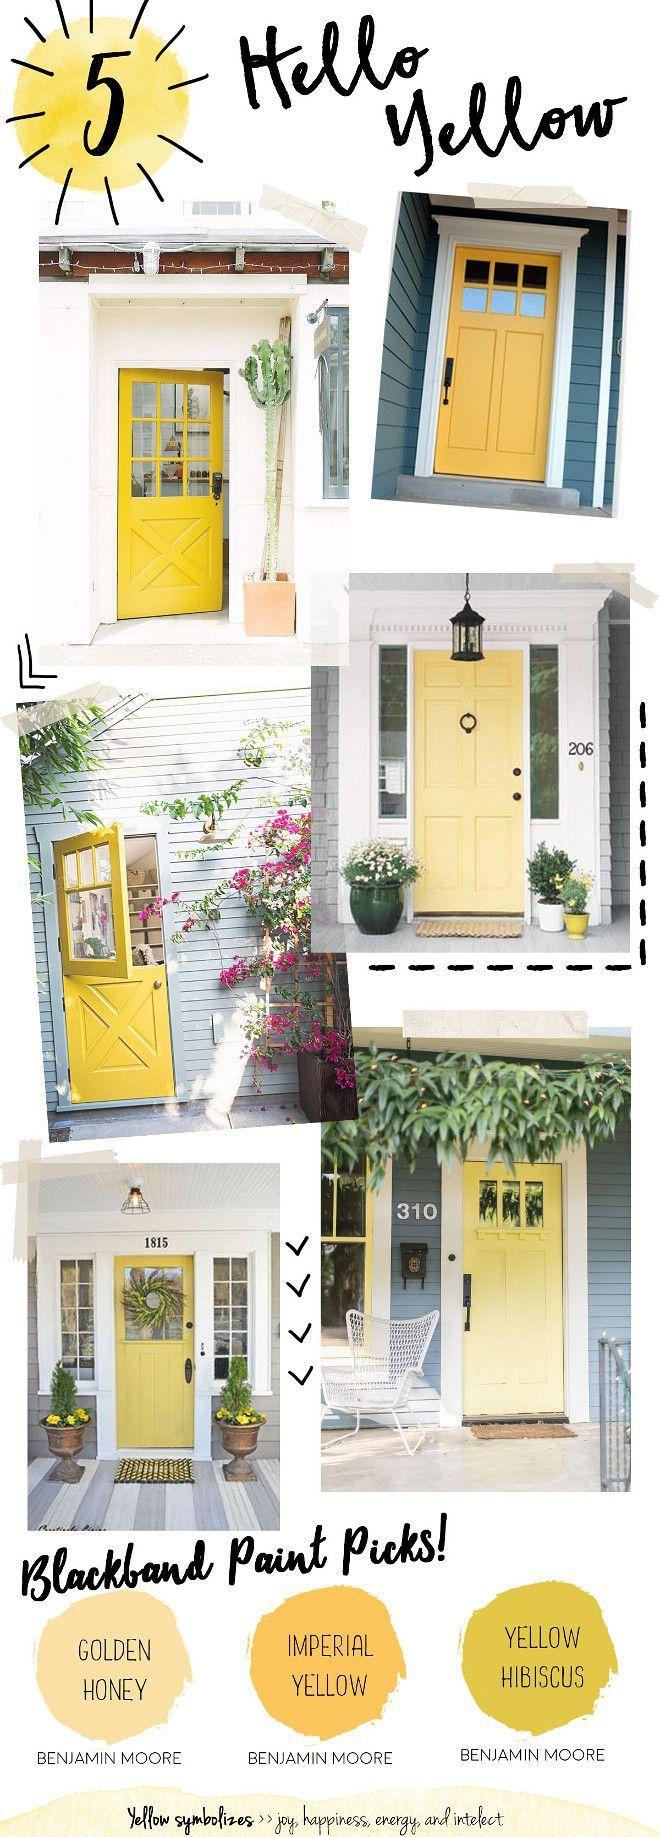 Yellow Door Paint Color Front Benjamin Moore Golden Honey Imperial Hibiscus